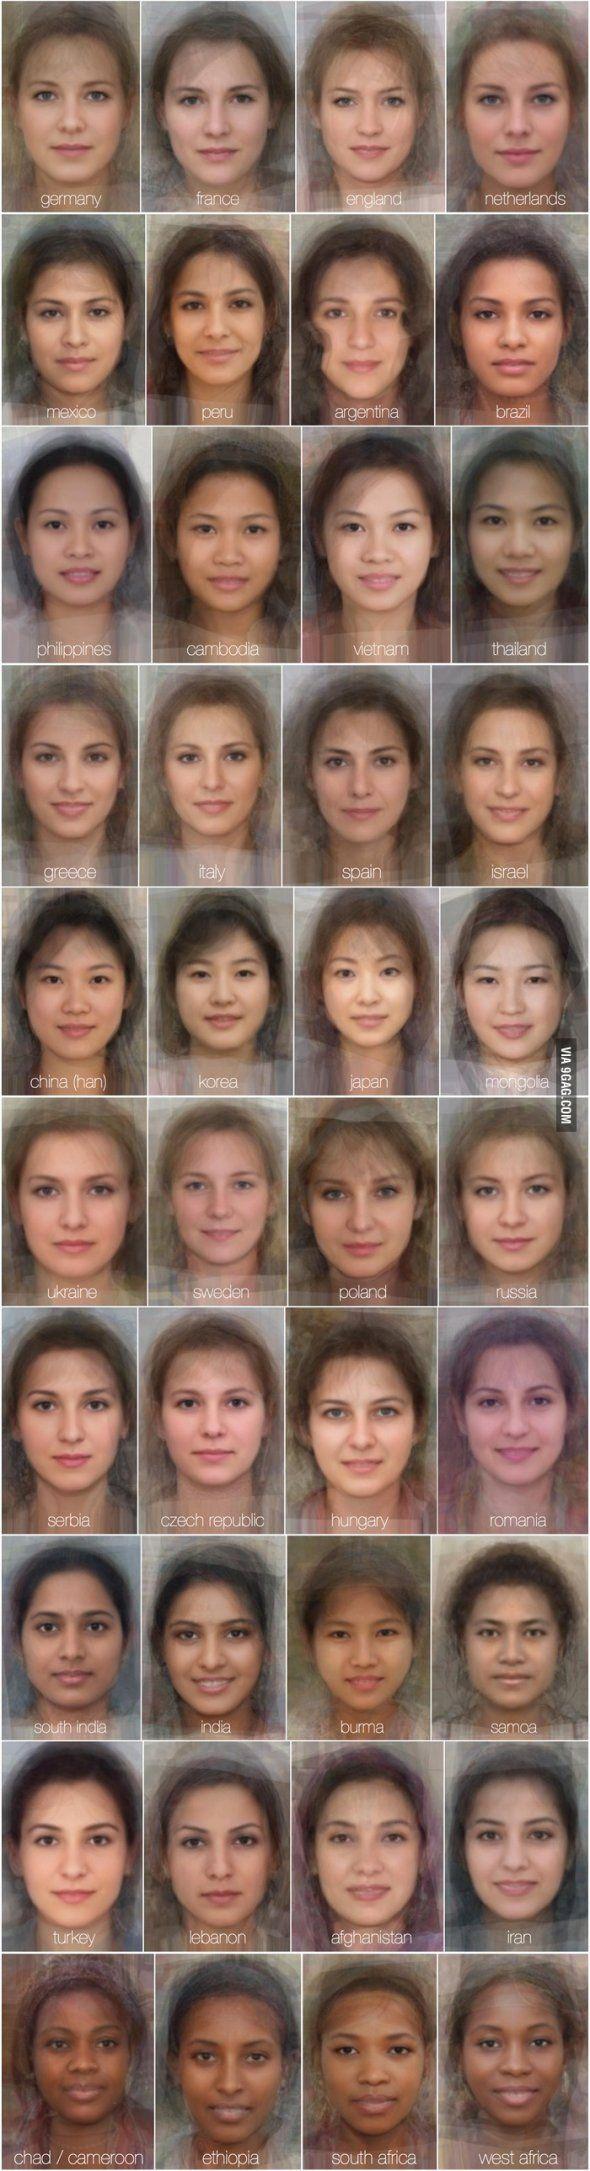 Gemiddelde vrouwengezichten - Vrouwen.nl